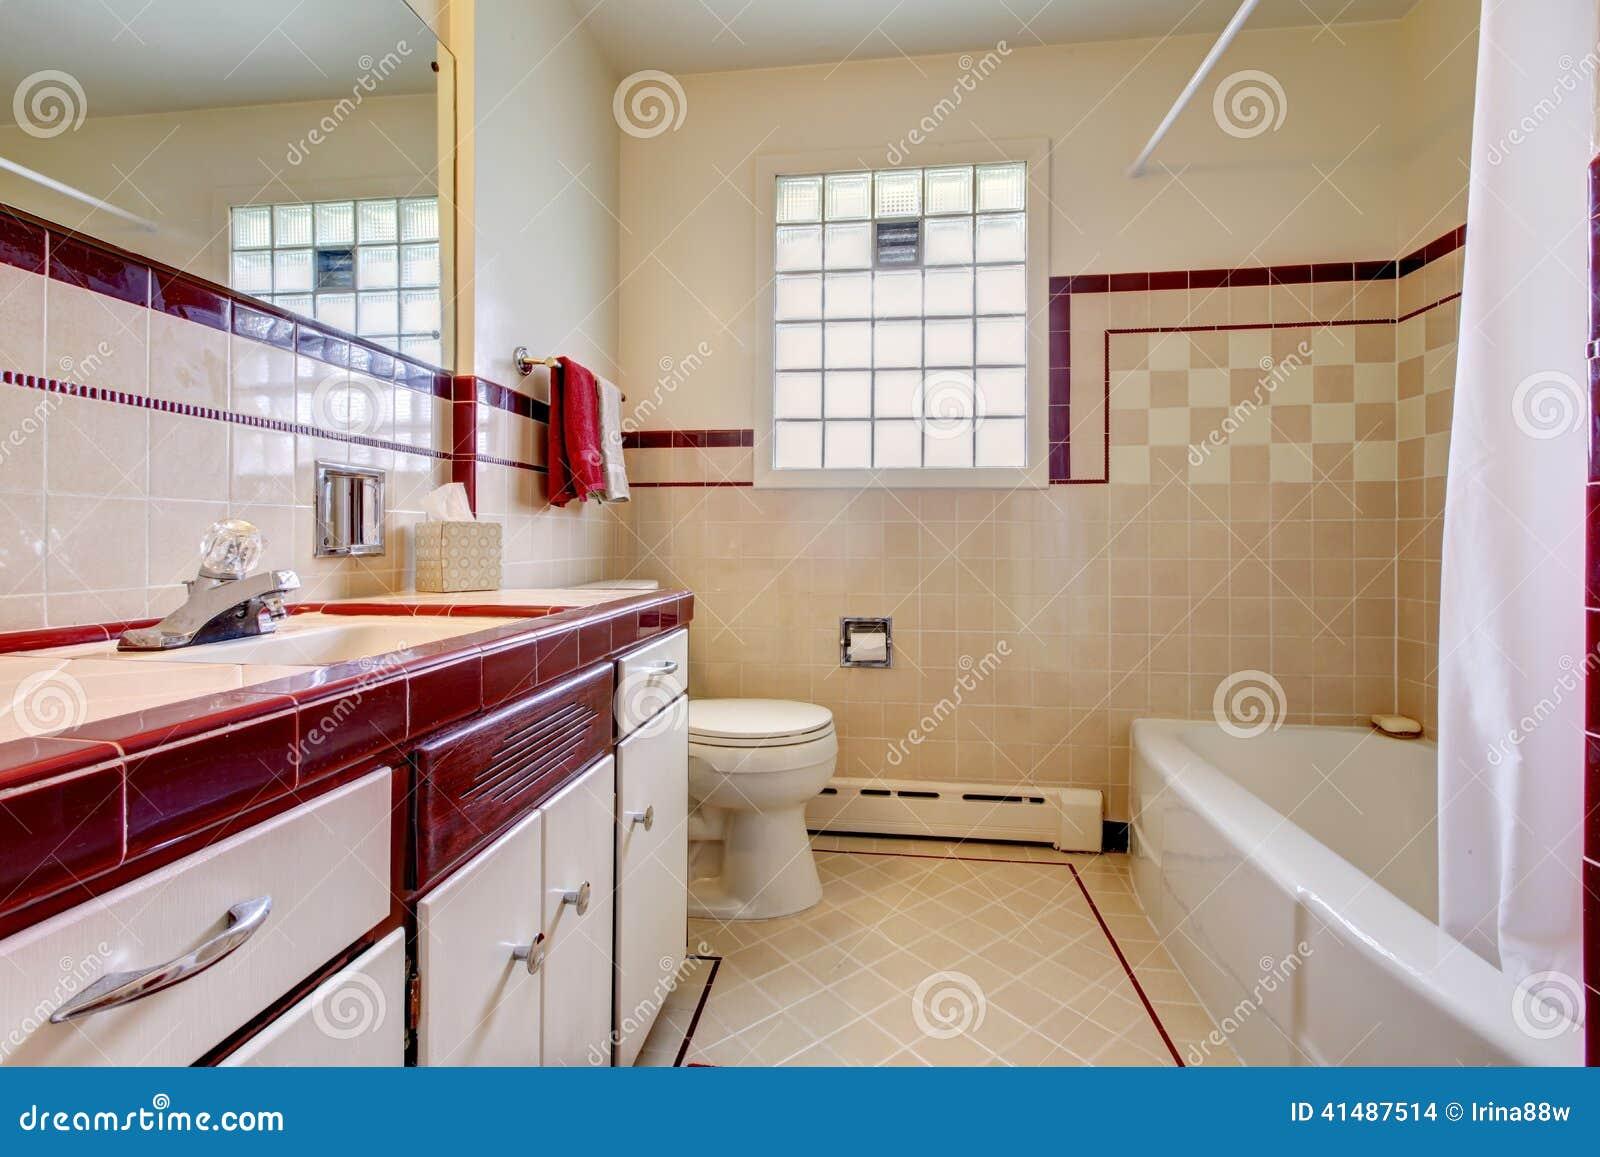 #3F0B0F  Da Telha E Janela Do Bloco De Vidro Foto de Stock Imagem: 41487514 78 Janelas De Vidro é Seguro